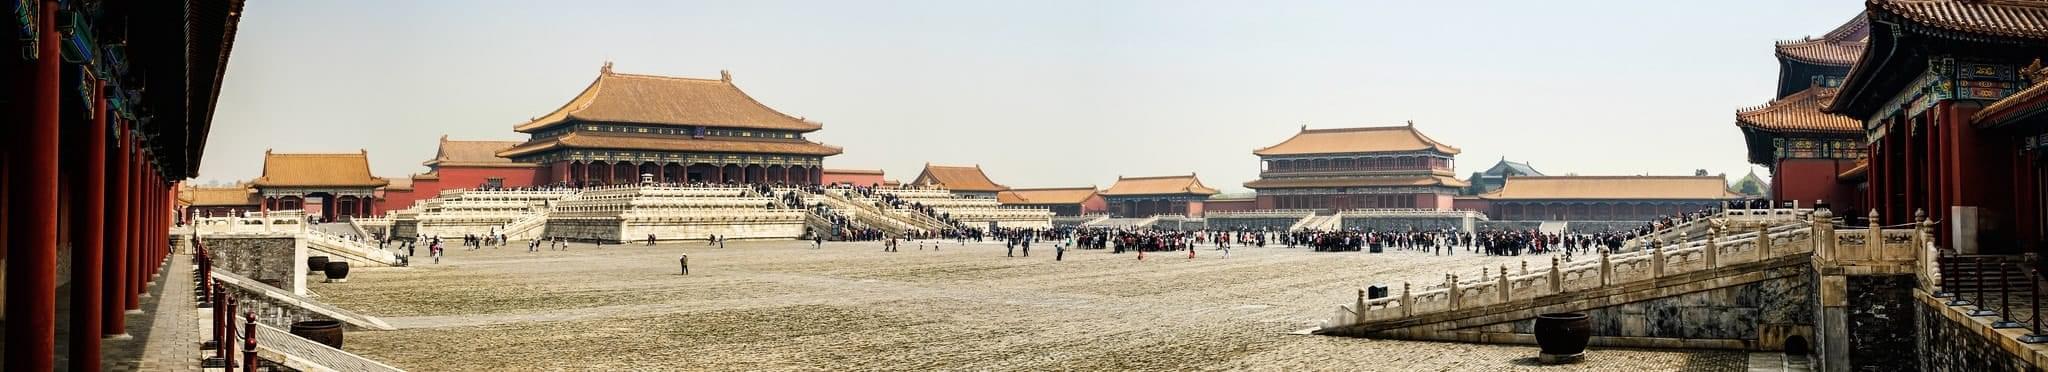 Запретный город <br>Пекин